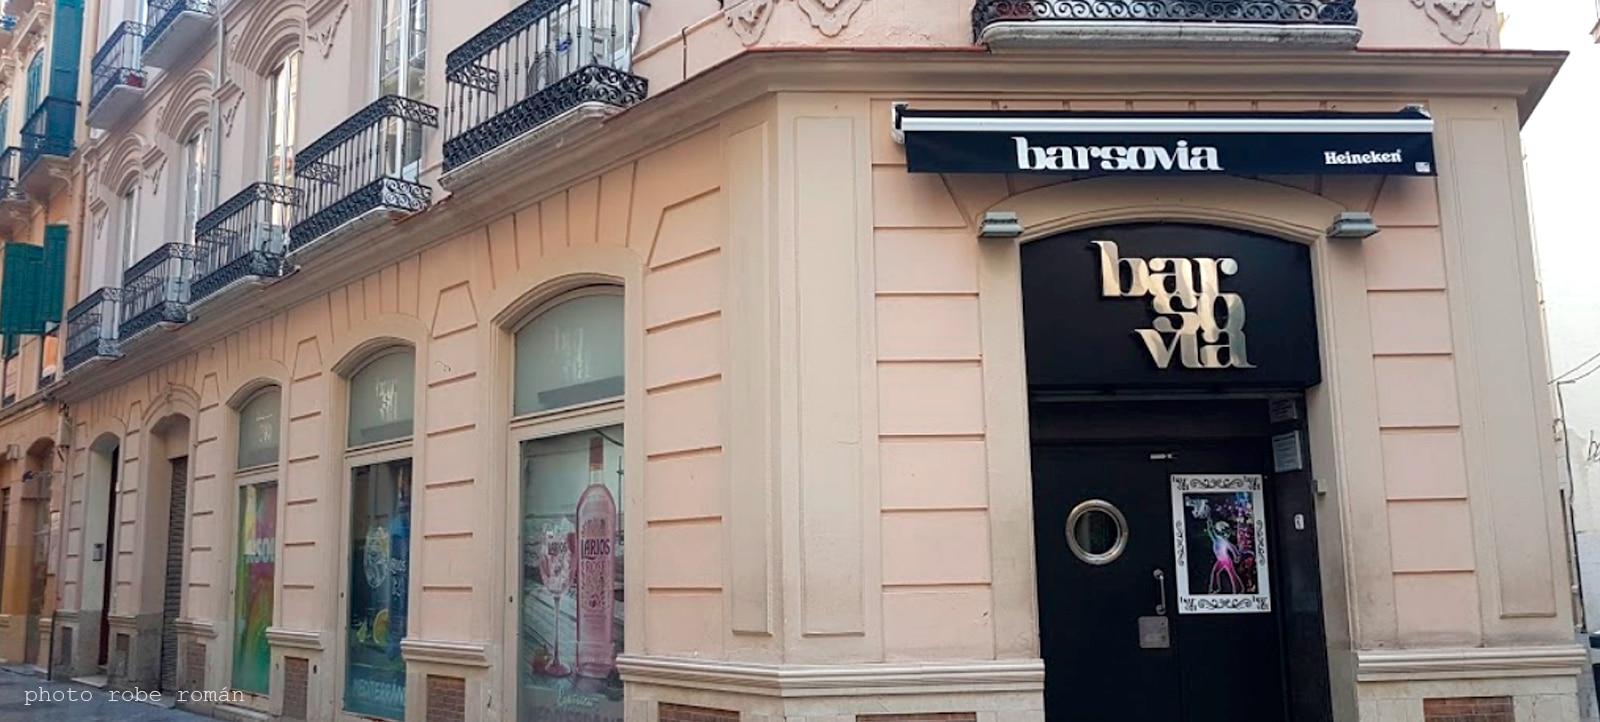 pub barsovia Málaga